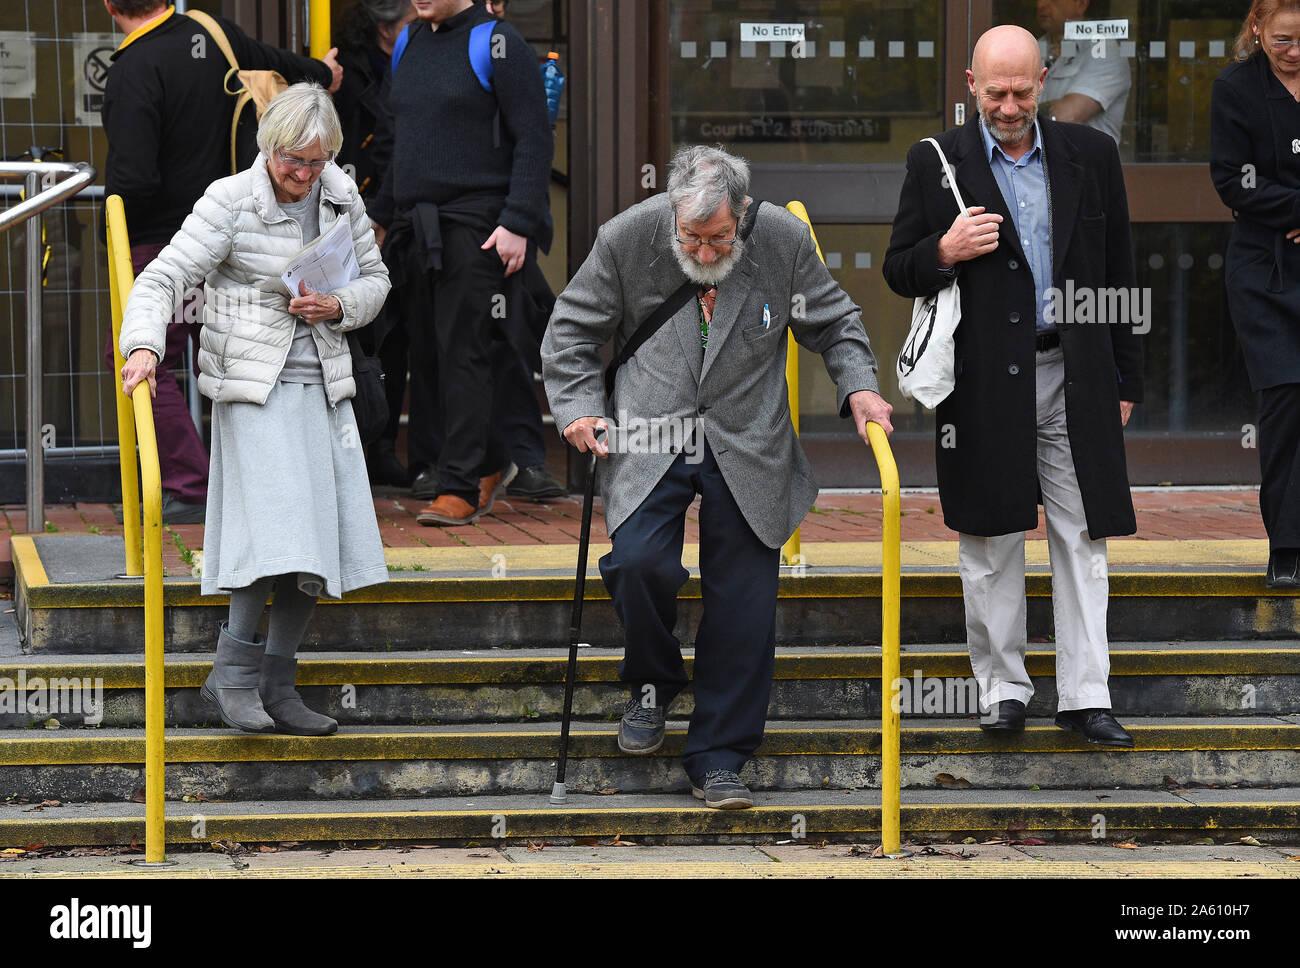 """(De izquierda a derecha) Extinción activistas rebelión Ursula Pethick, de 83 años, John Lynes, 91 y Juan Halladay, de 61 años, dejando a Folkestone, magistrados de la corte donde se apareció por su parte en el """"bloqueo"""" del puerto de Dover en septiembre. Foto de stock"""